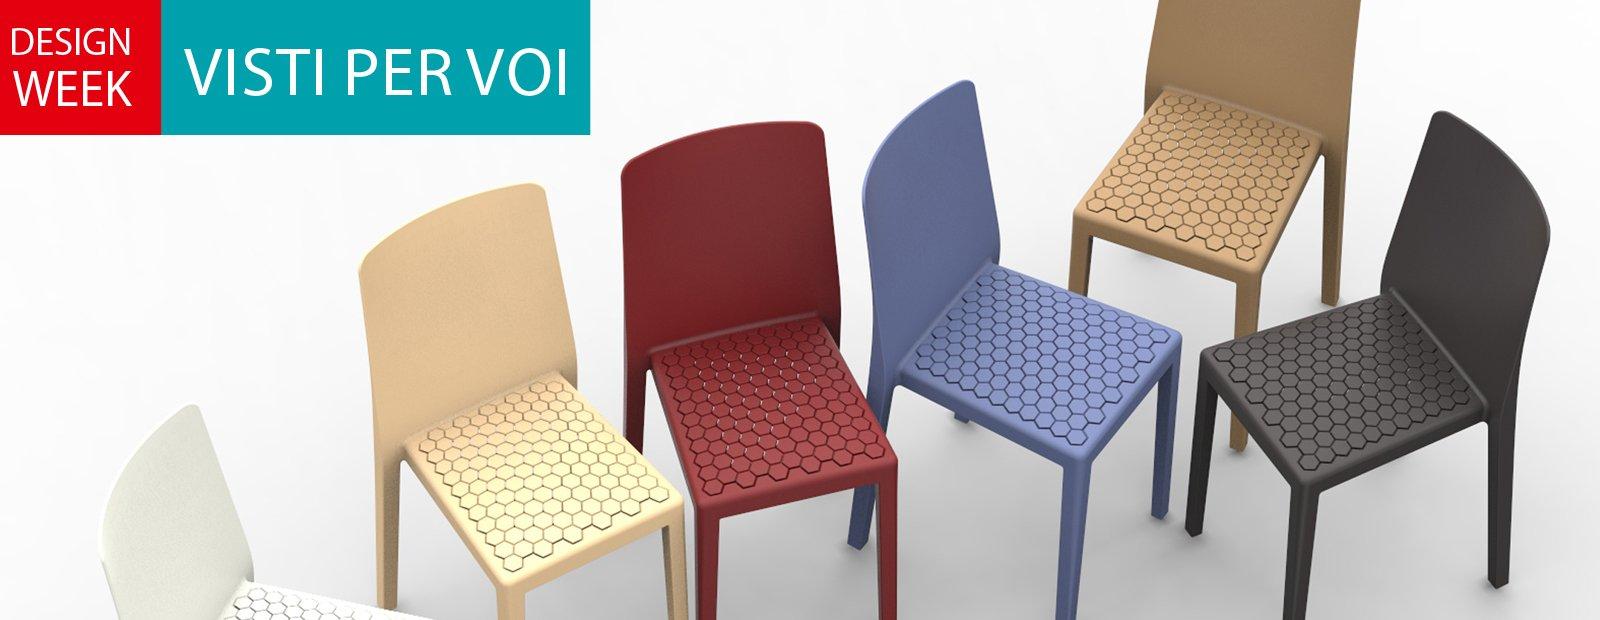 Salone del mobile 2014 superfici lavorate o colorate per for Sedie per salone